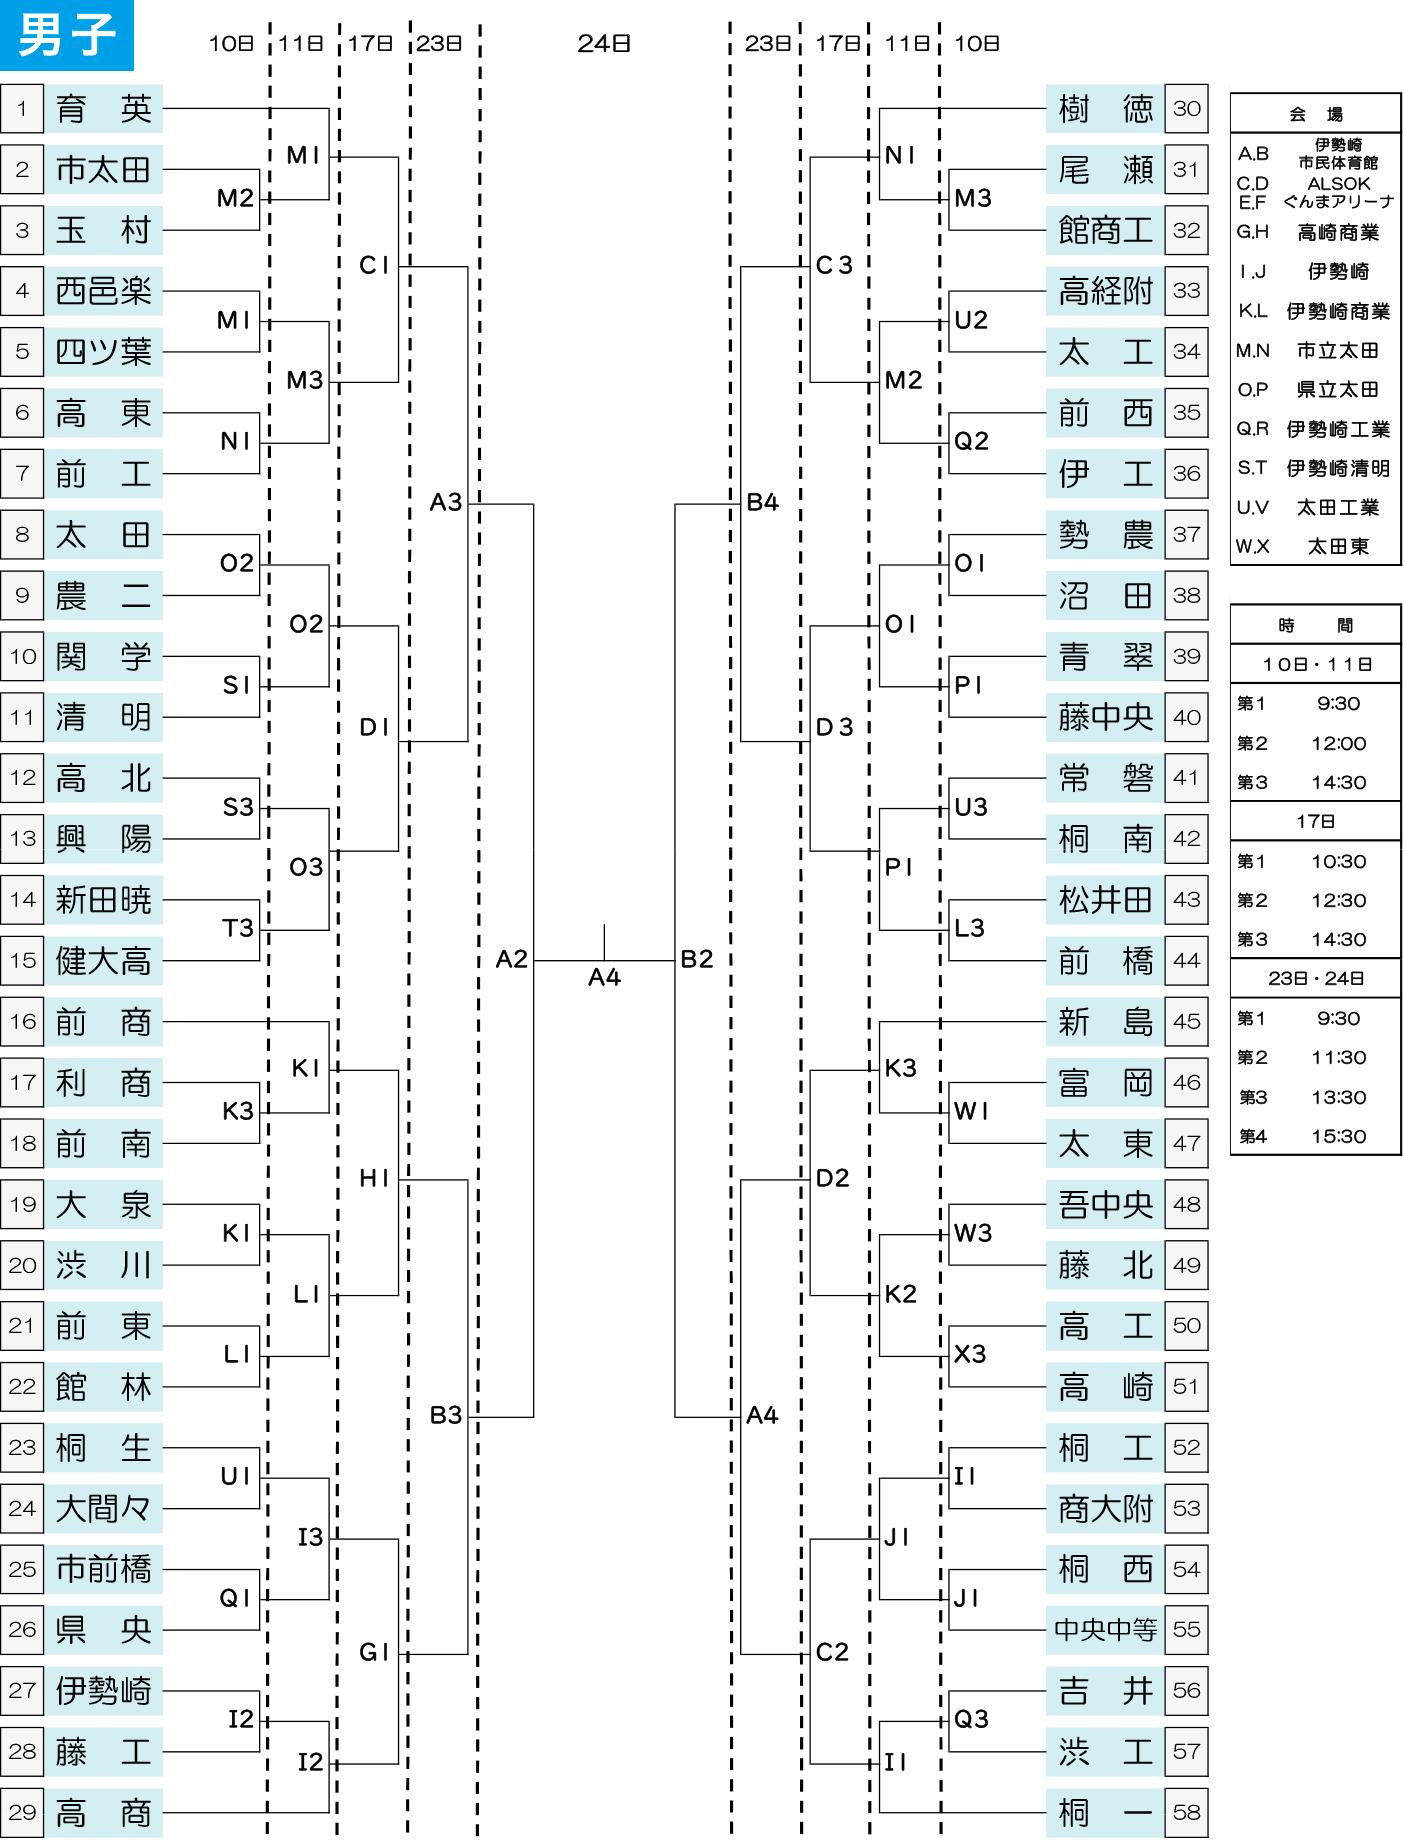 2020年度 高校新人大会(関東大会県予選) - 男子組み合わせ